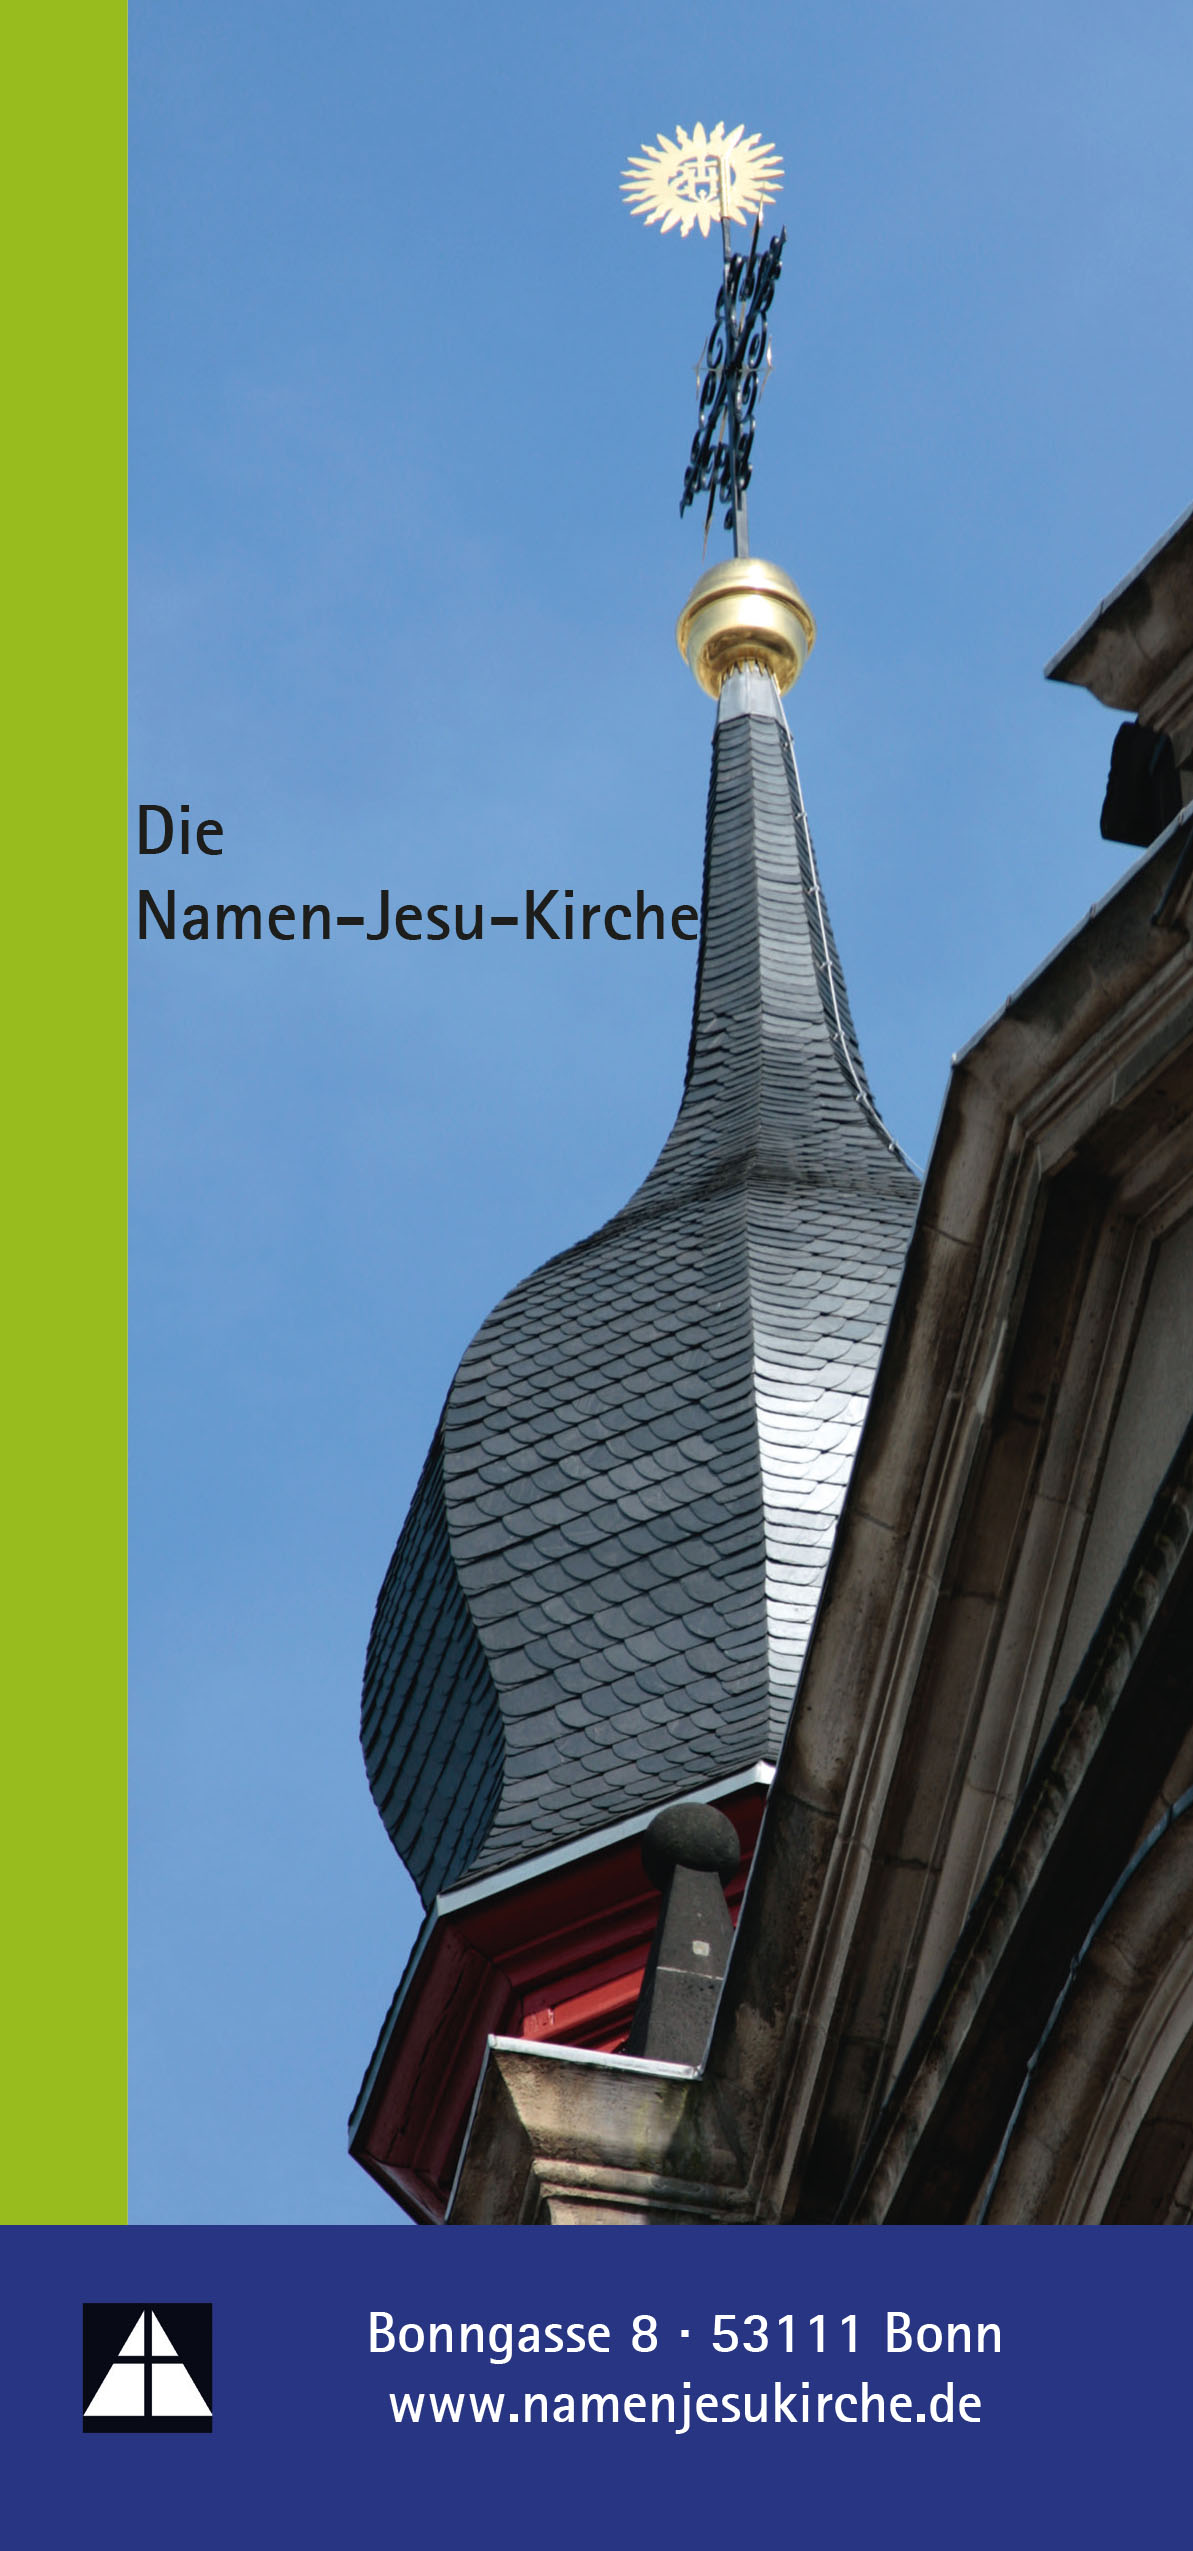 Broschüre über die Namen-Jesu-Kirche